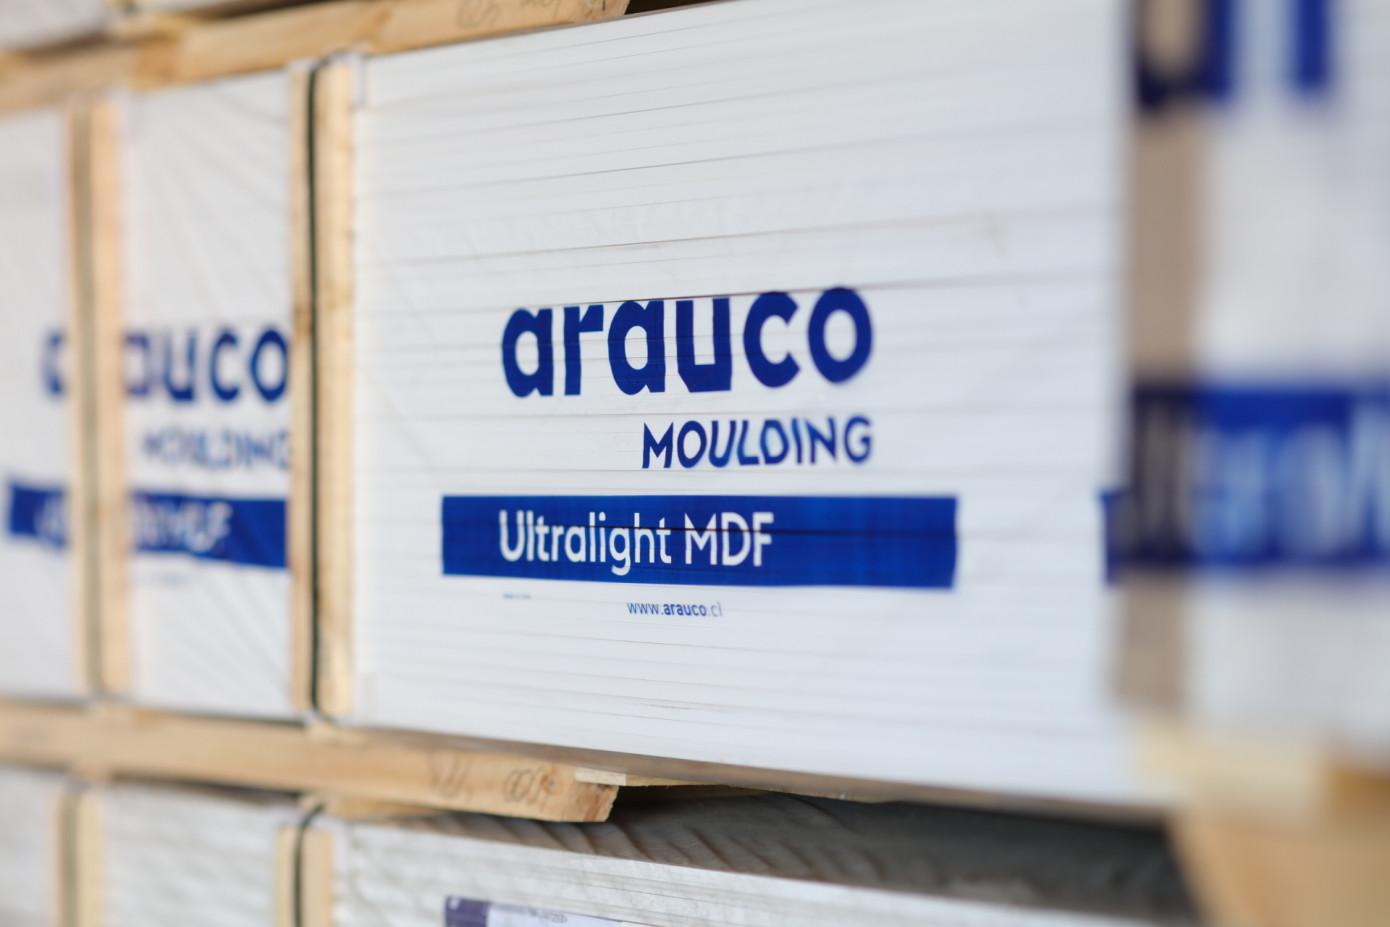 В 3 кв. 2020 г. выручка Arauco снизилась на 13,3%